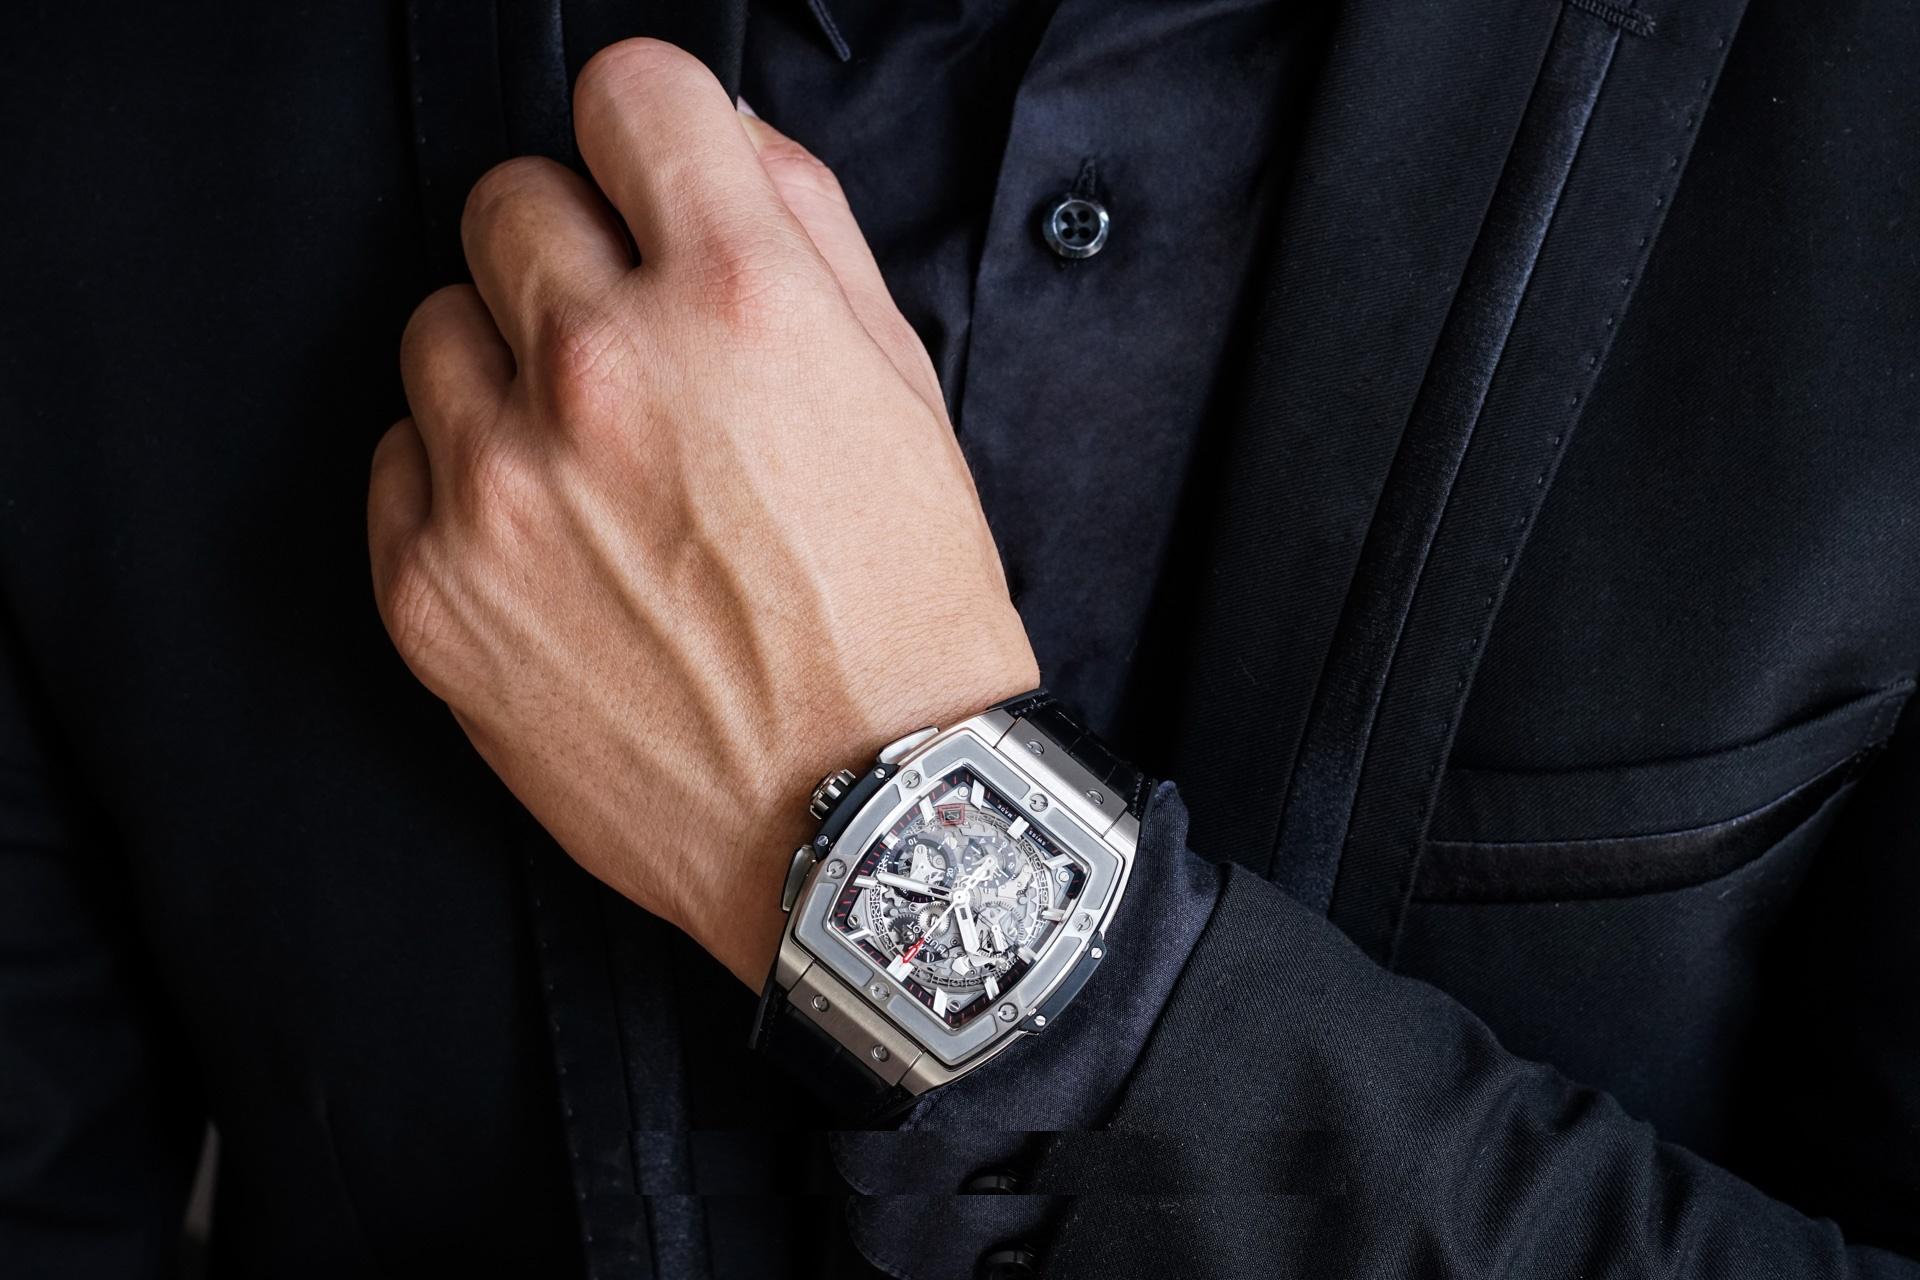 Giới thiệu đồng hồ Hublot Spirit Of Big Bang Titanium đẳng cấp